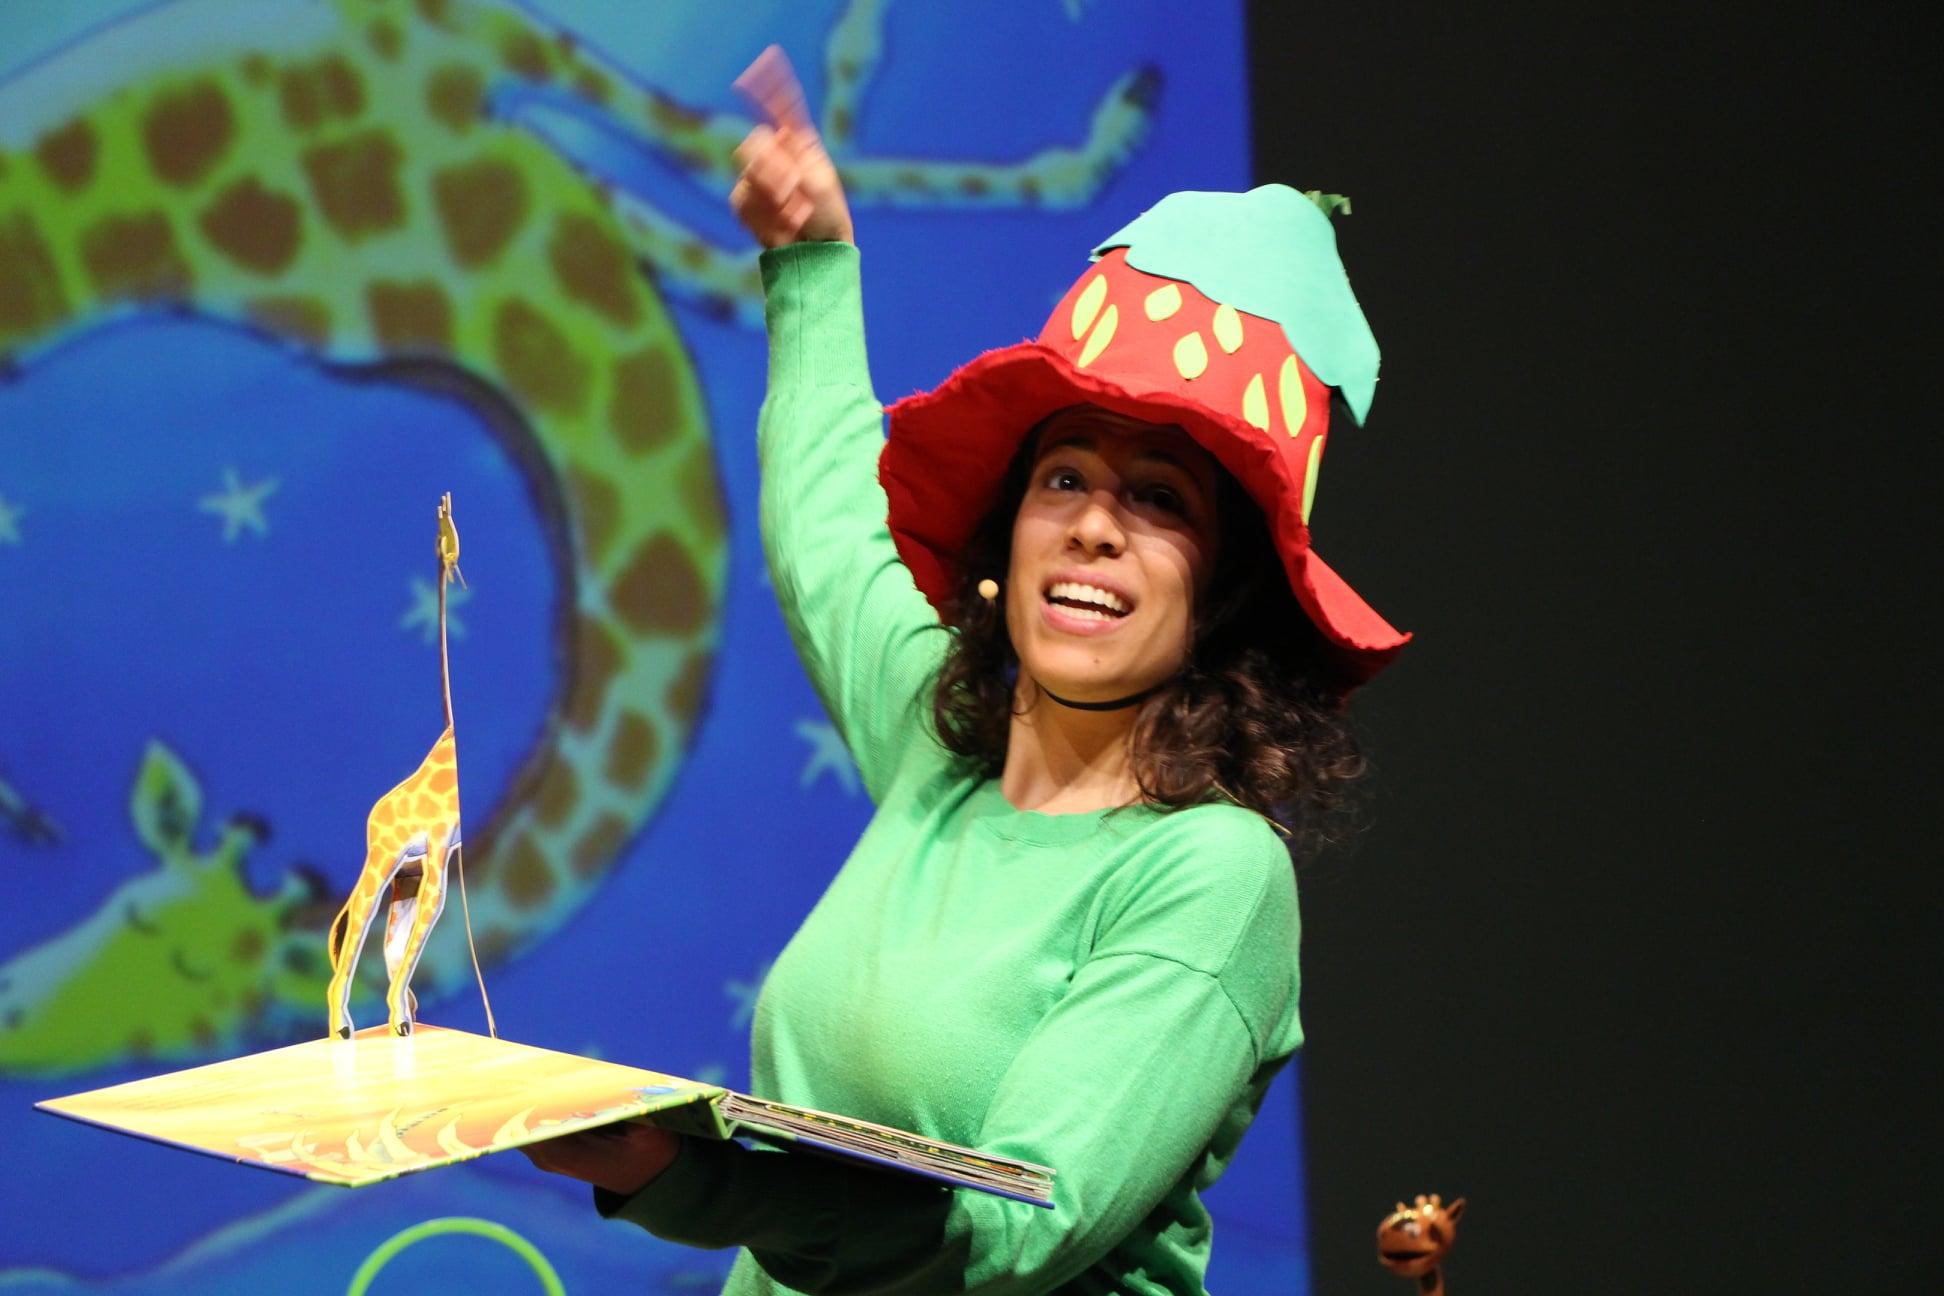 Cristina Llabres